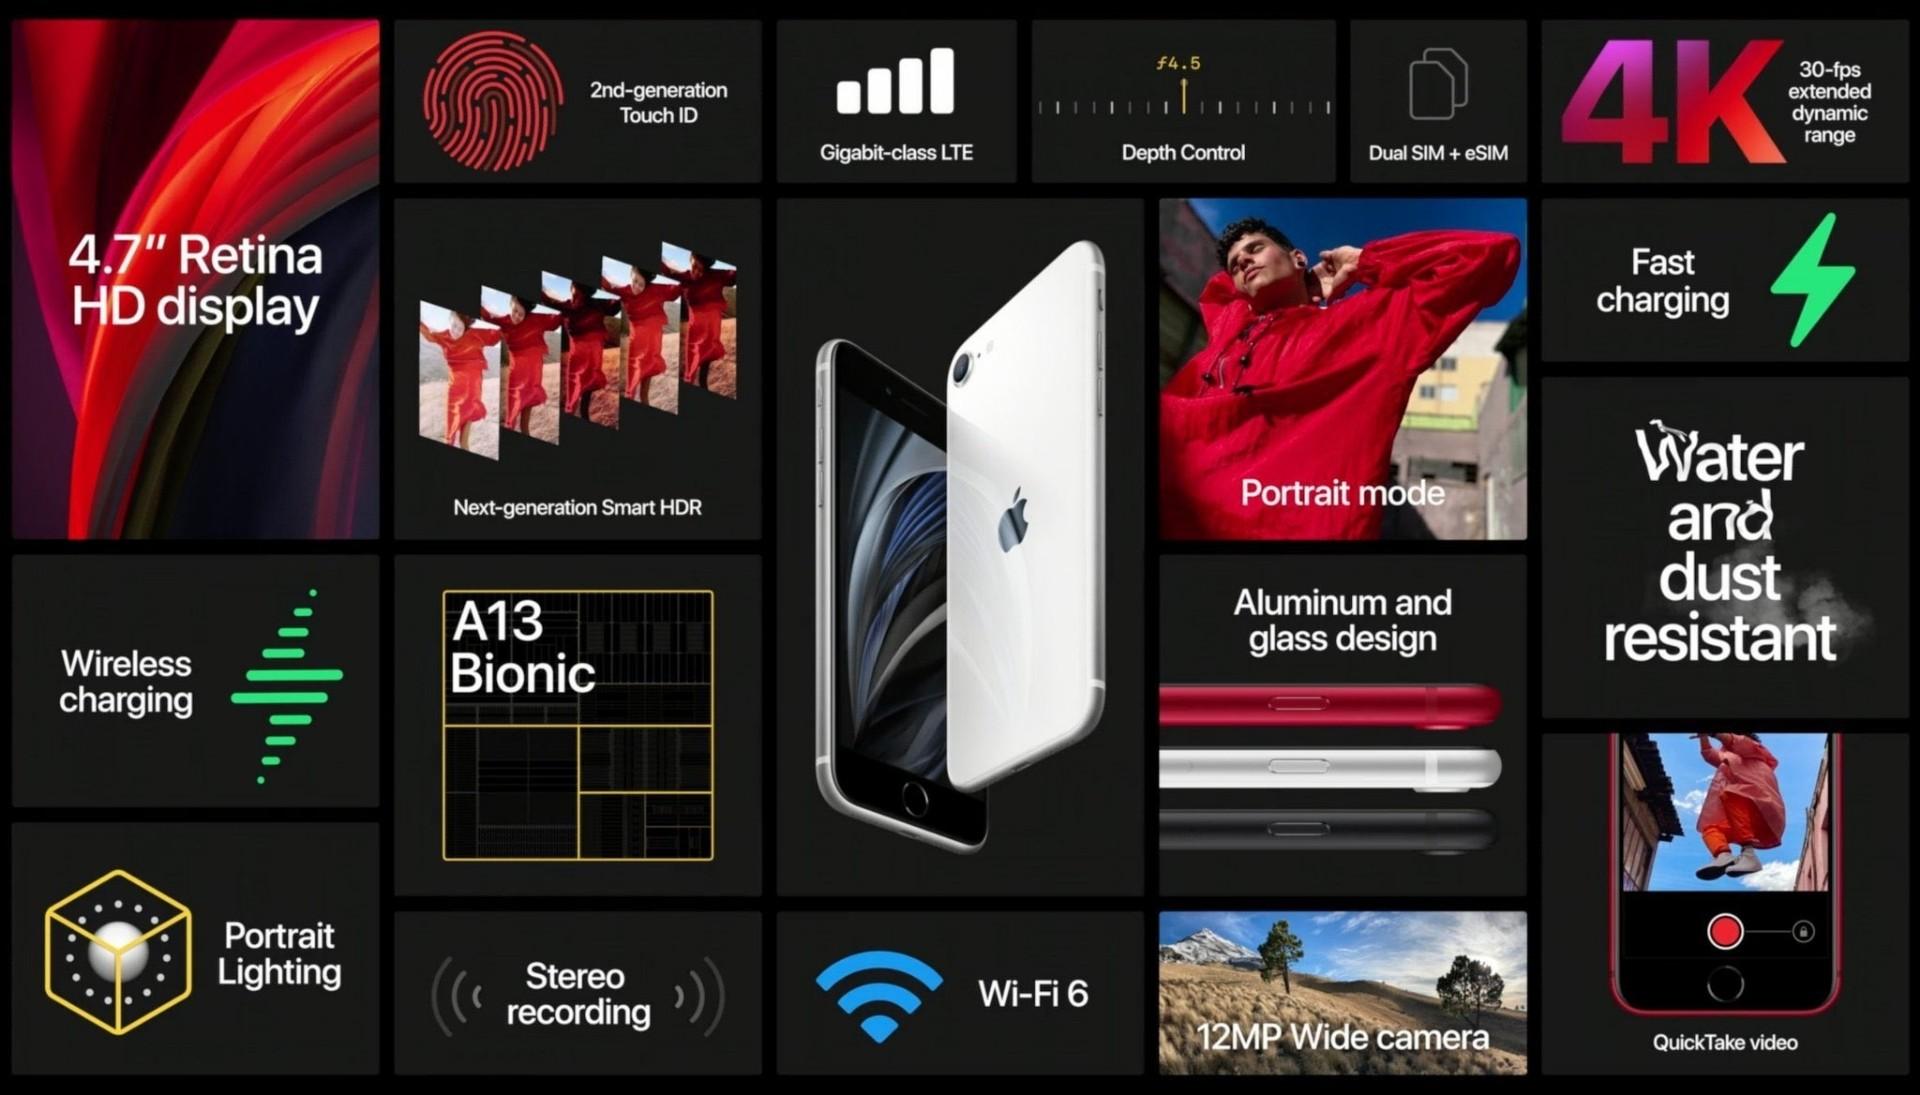 新款iPhone SE搭配3GB运行内存,电池和iPhone 8一致